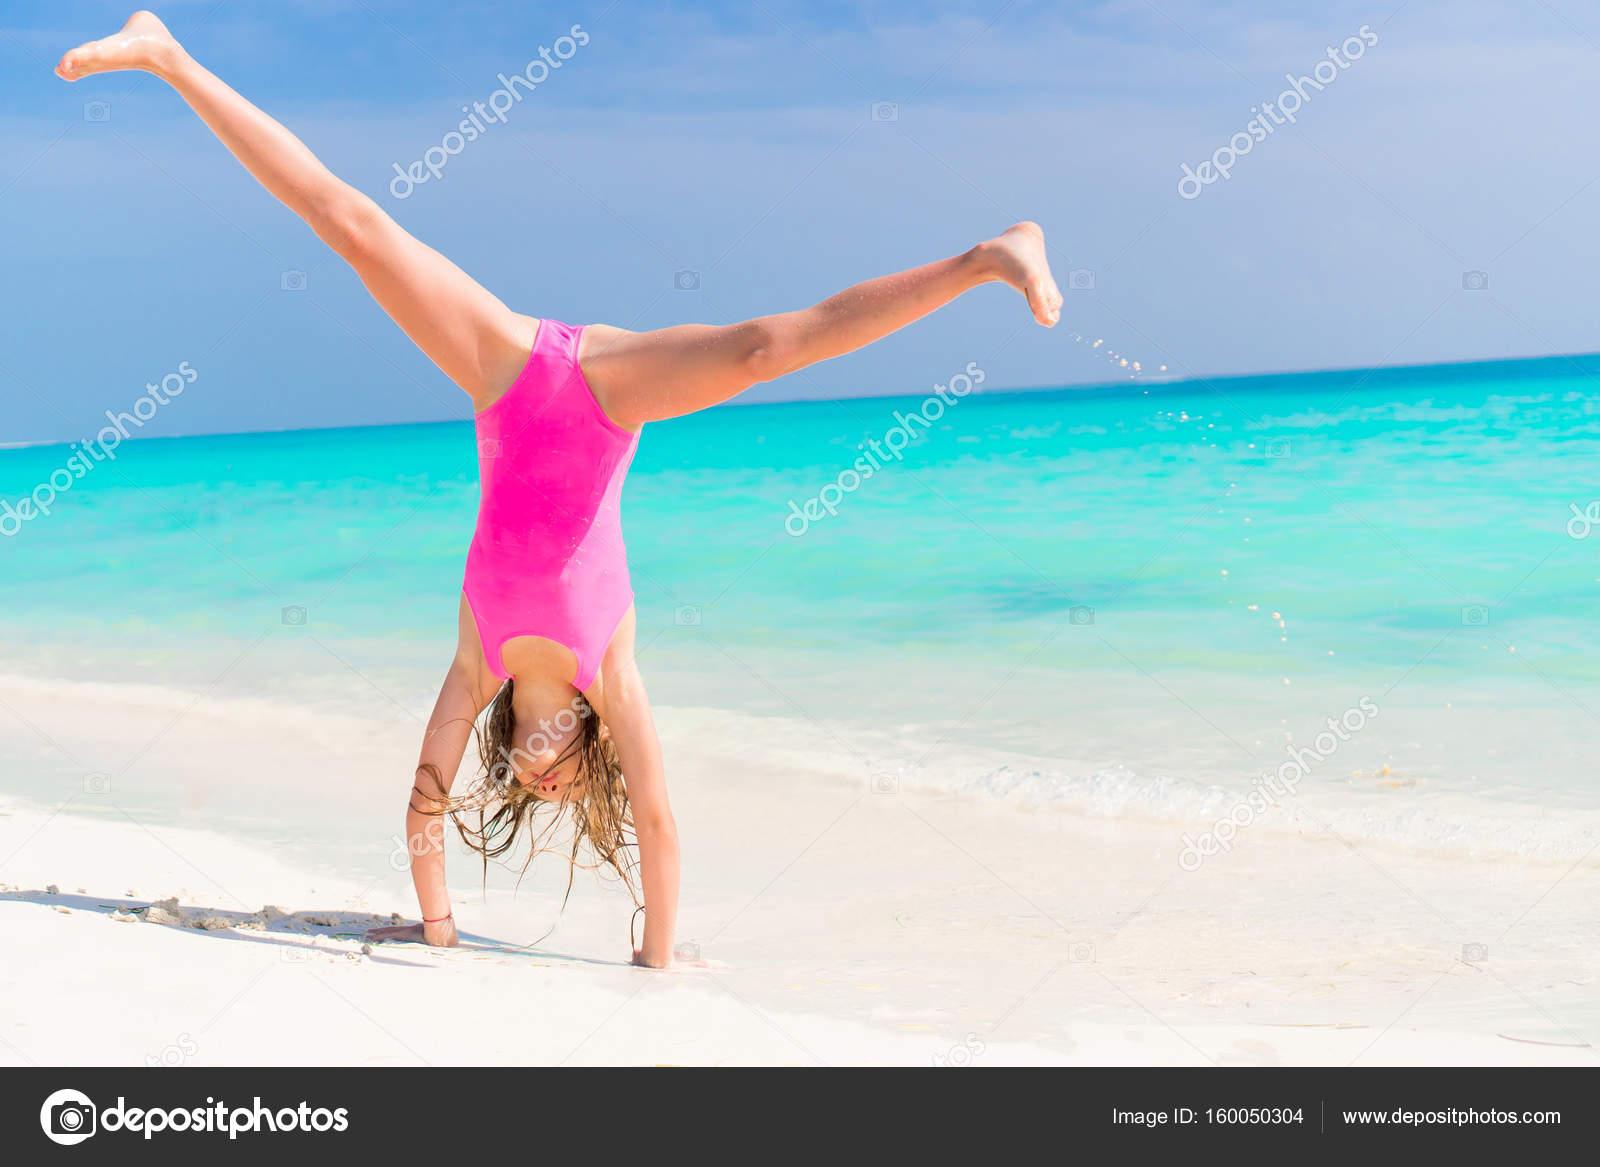 Aktive Kleine Mädchen Am Strand Mit Einer Menge Spaß